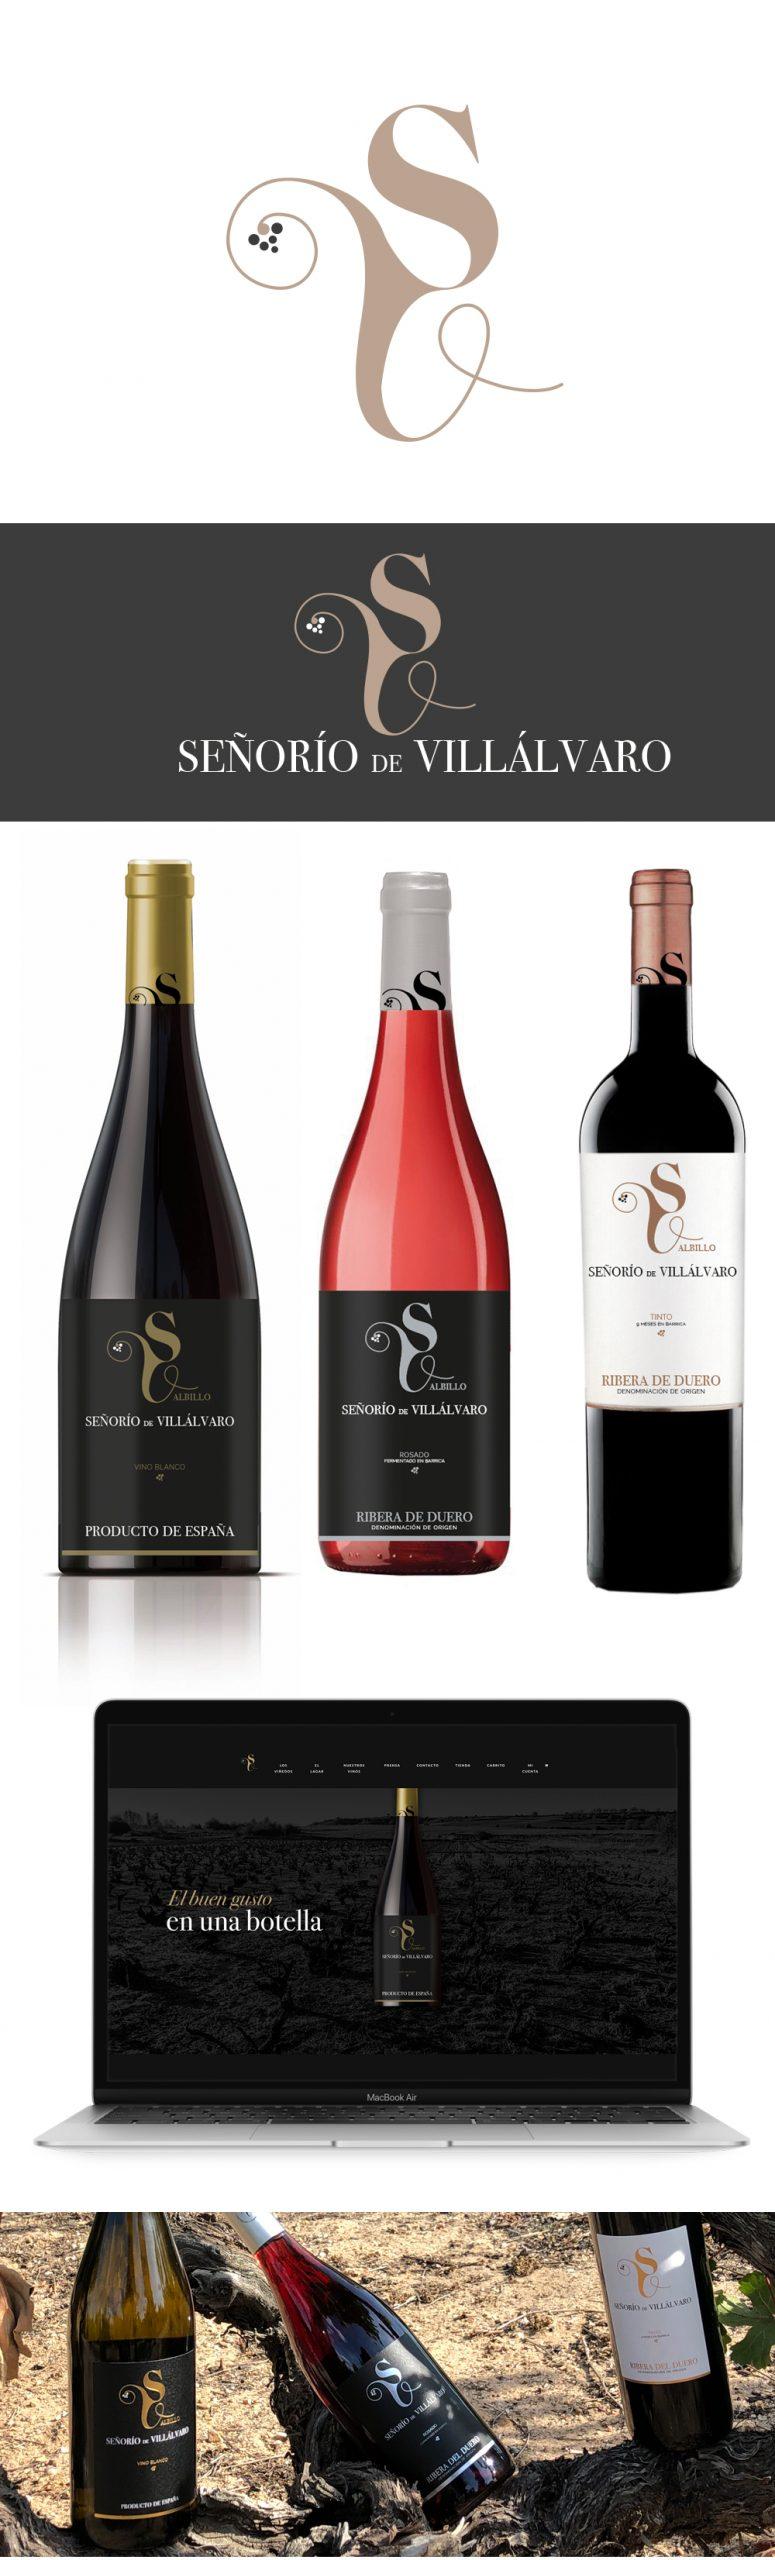 señorio de villalvaro web logotipo etiqueta vino